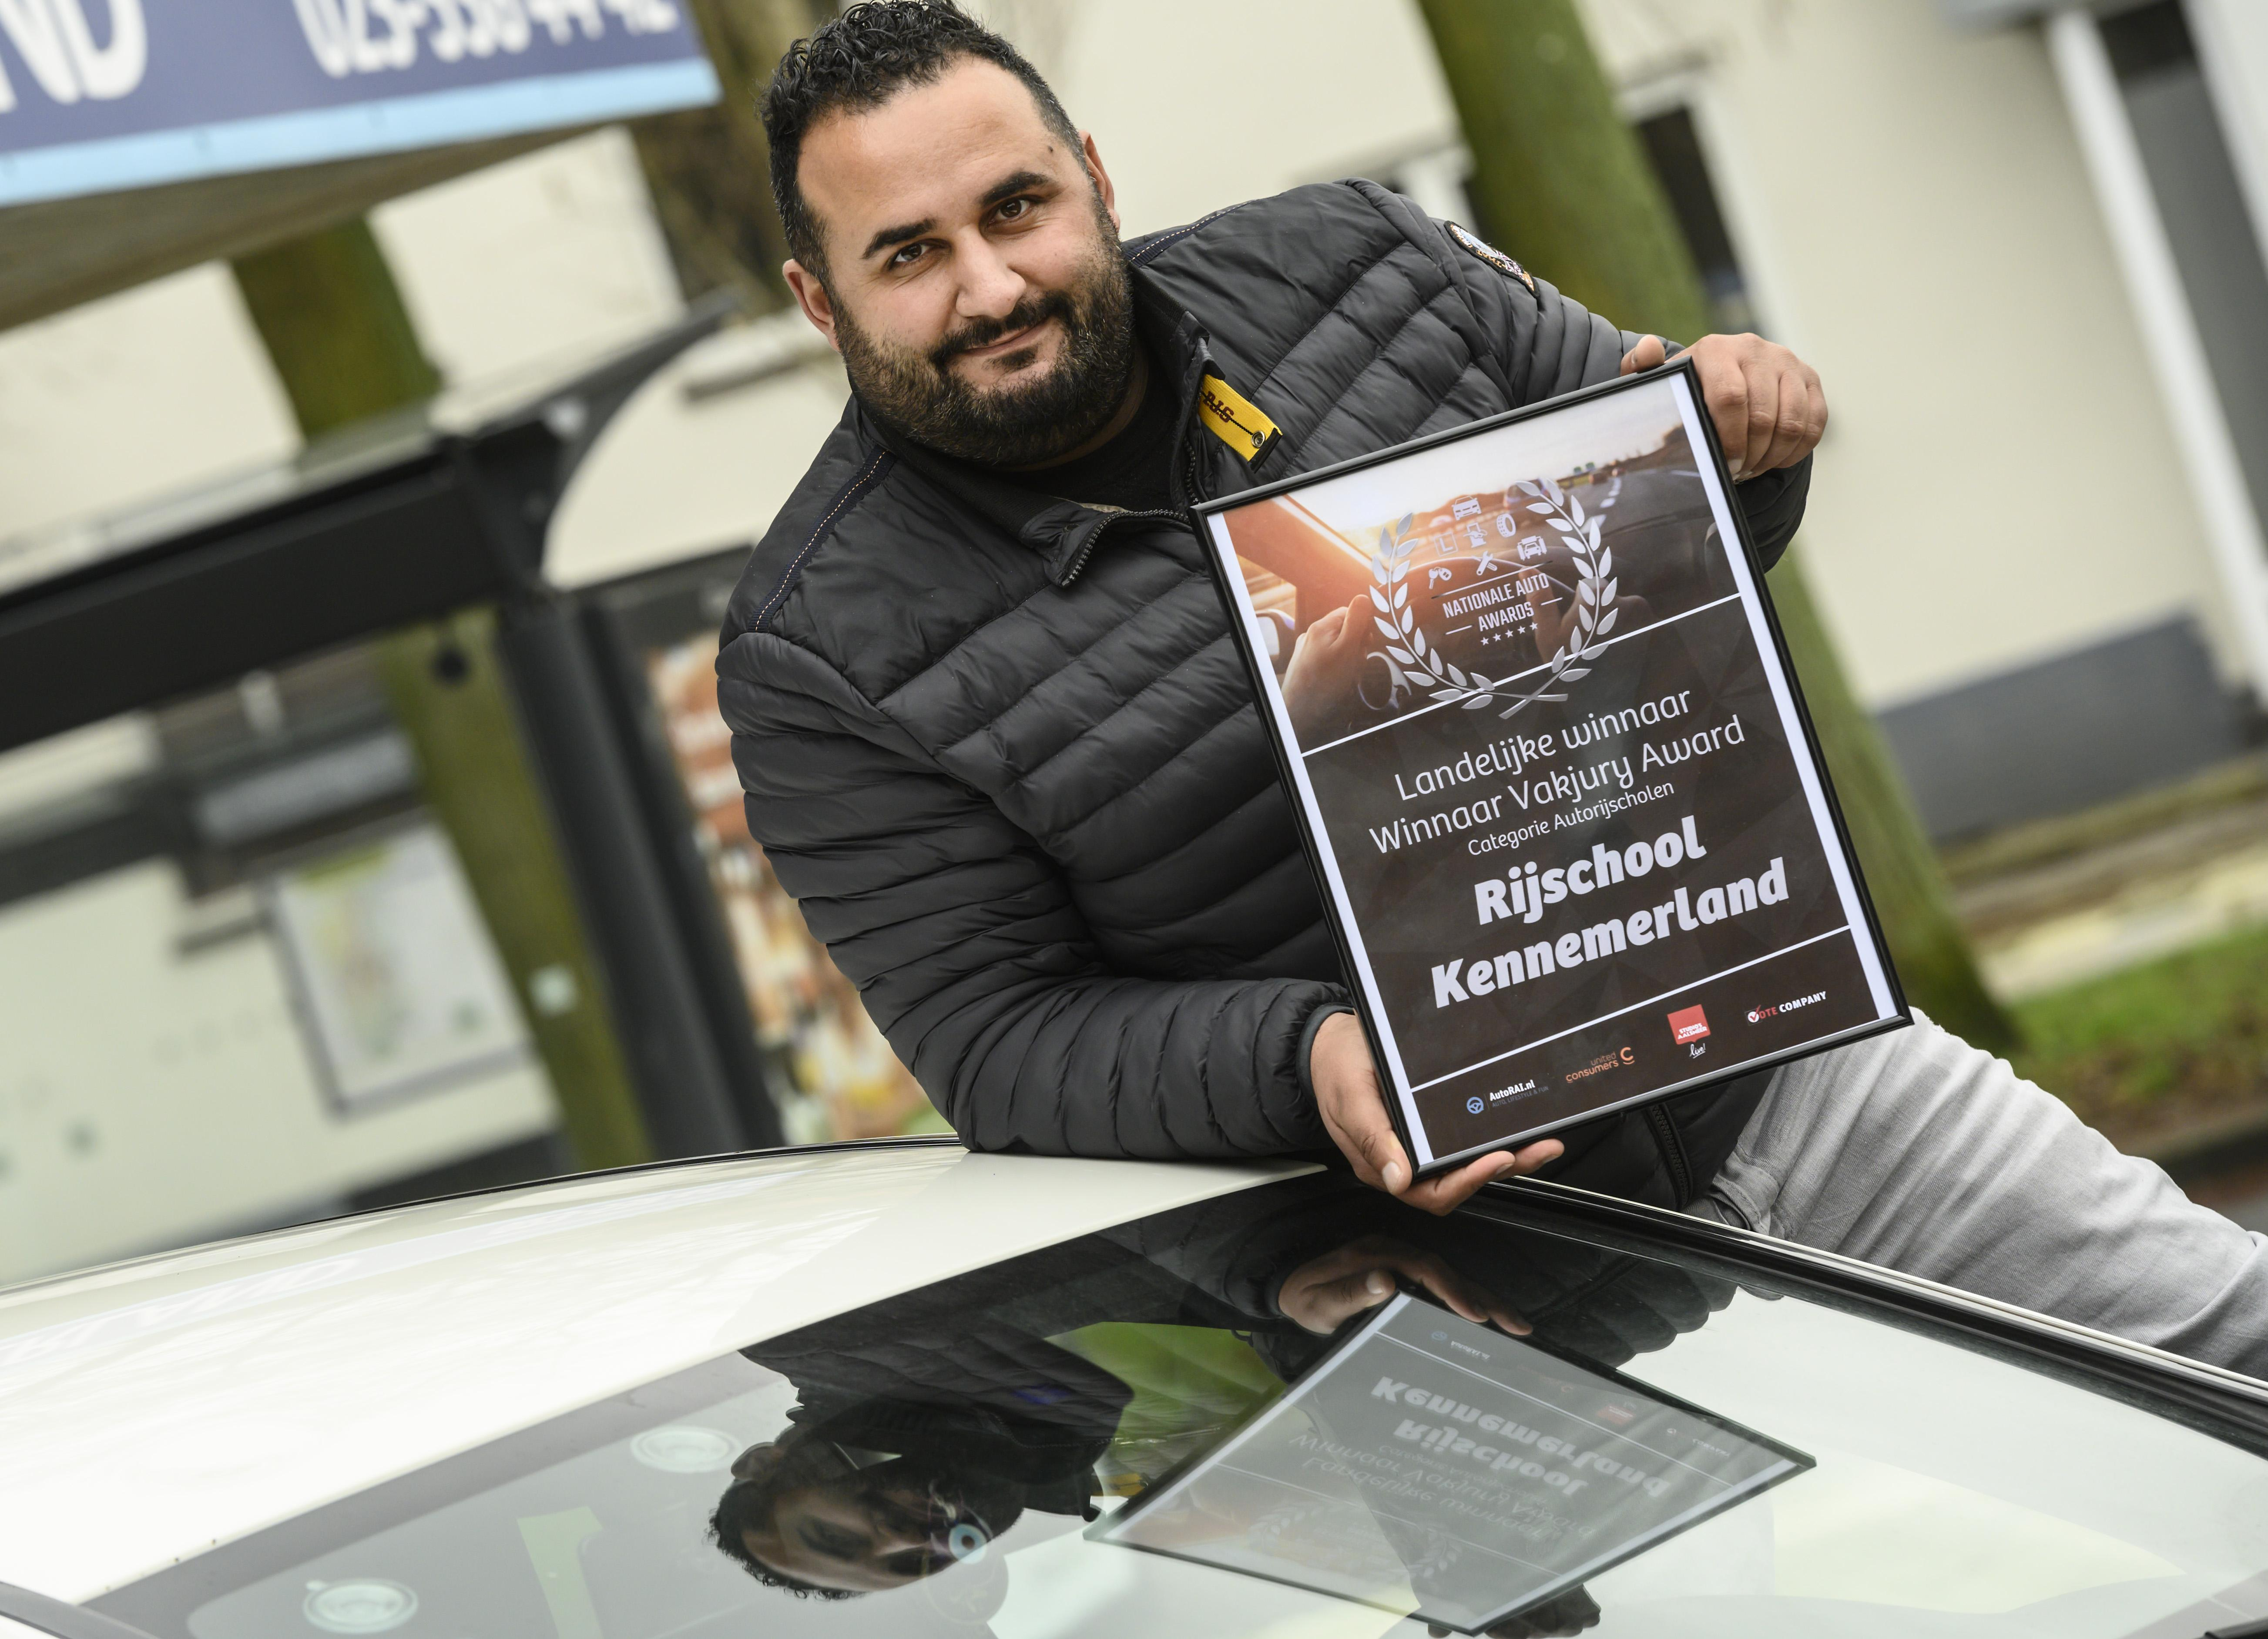 Haarlemse rijschool verkozen tot beste van Nederland